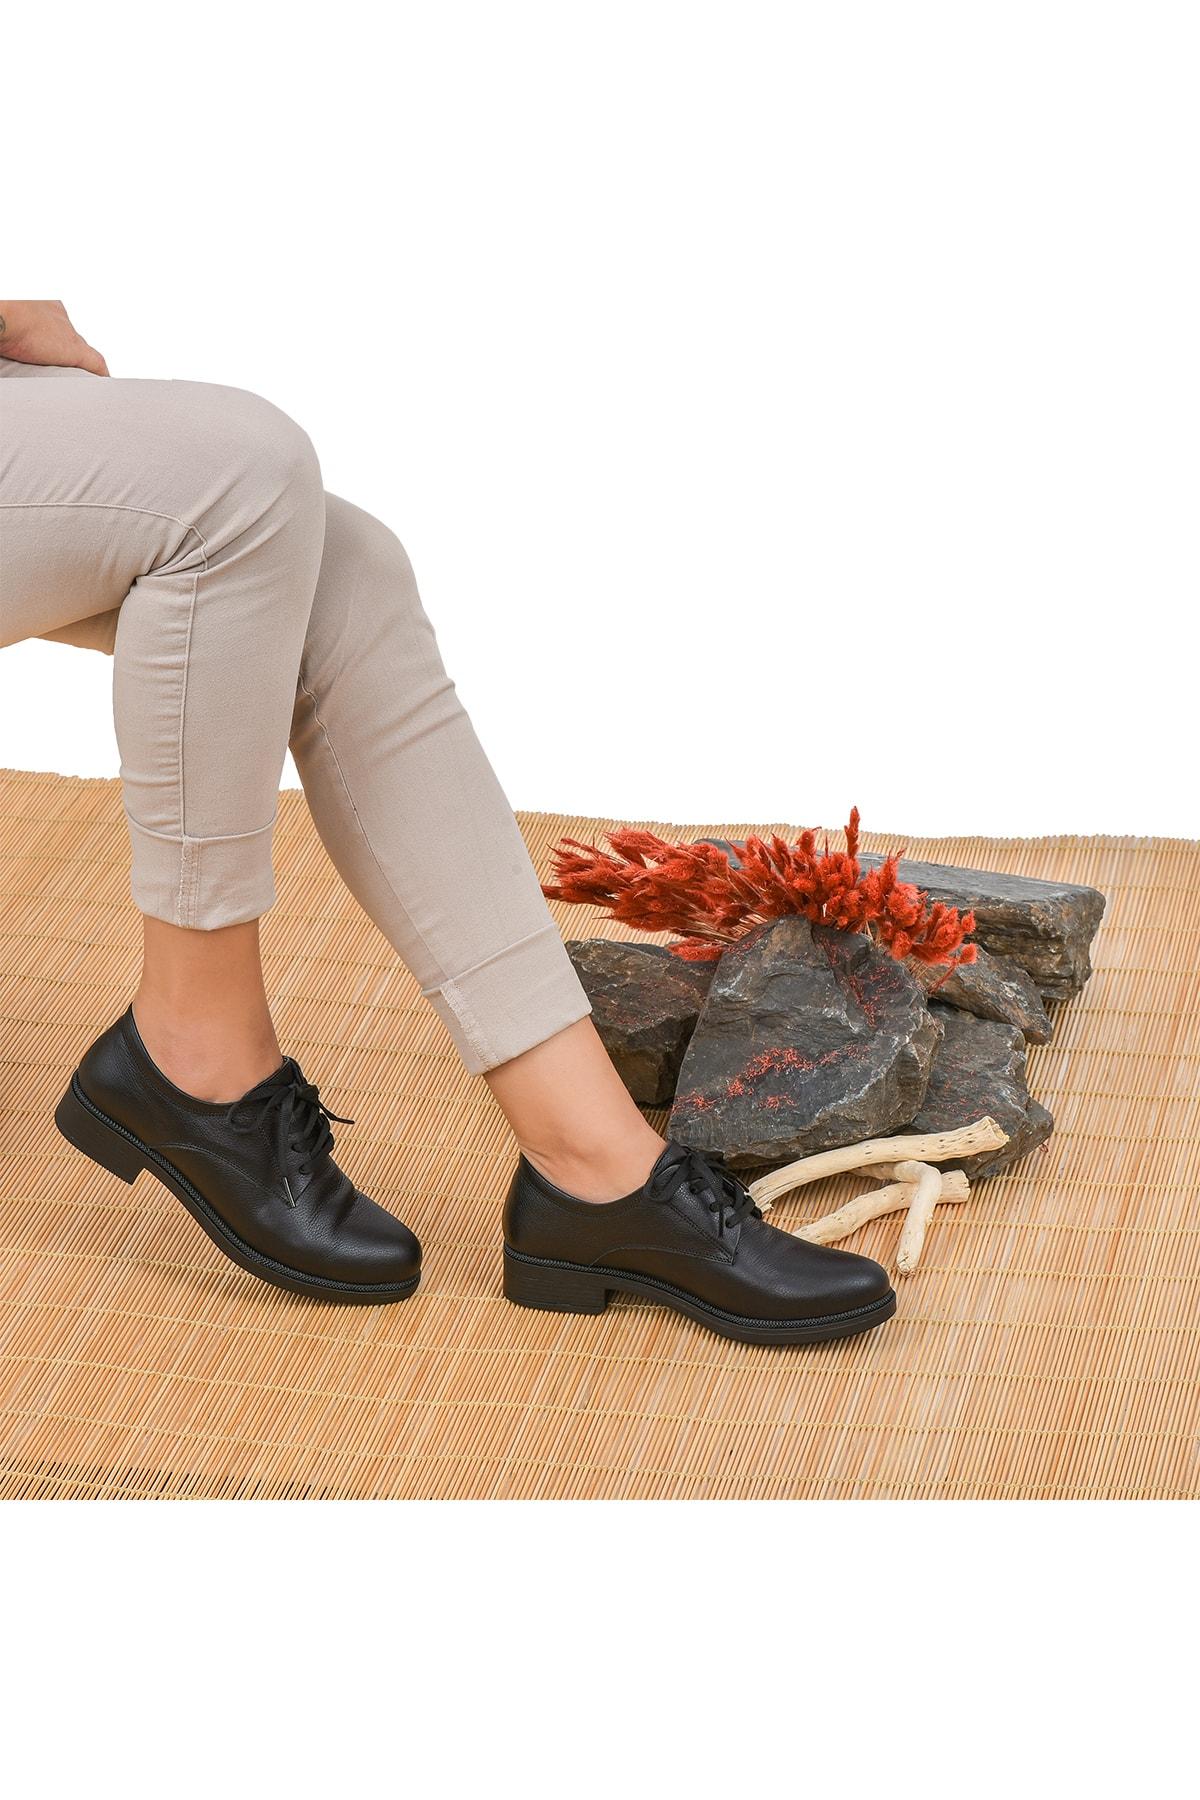 Moosefield Kadın Siyah Hakiki Deri Ayakkabı 1